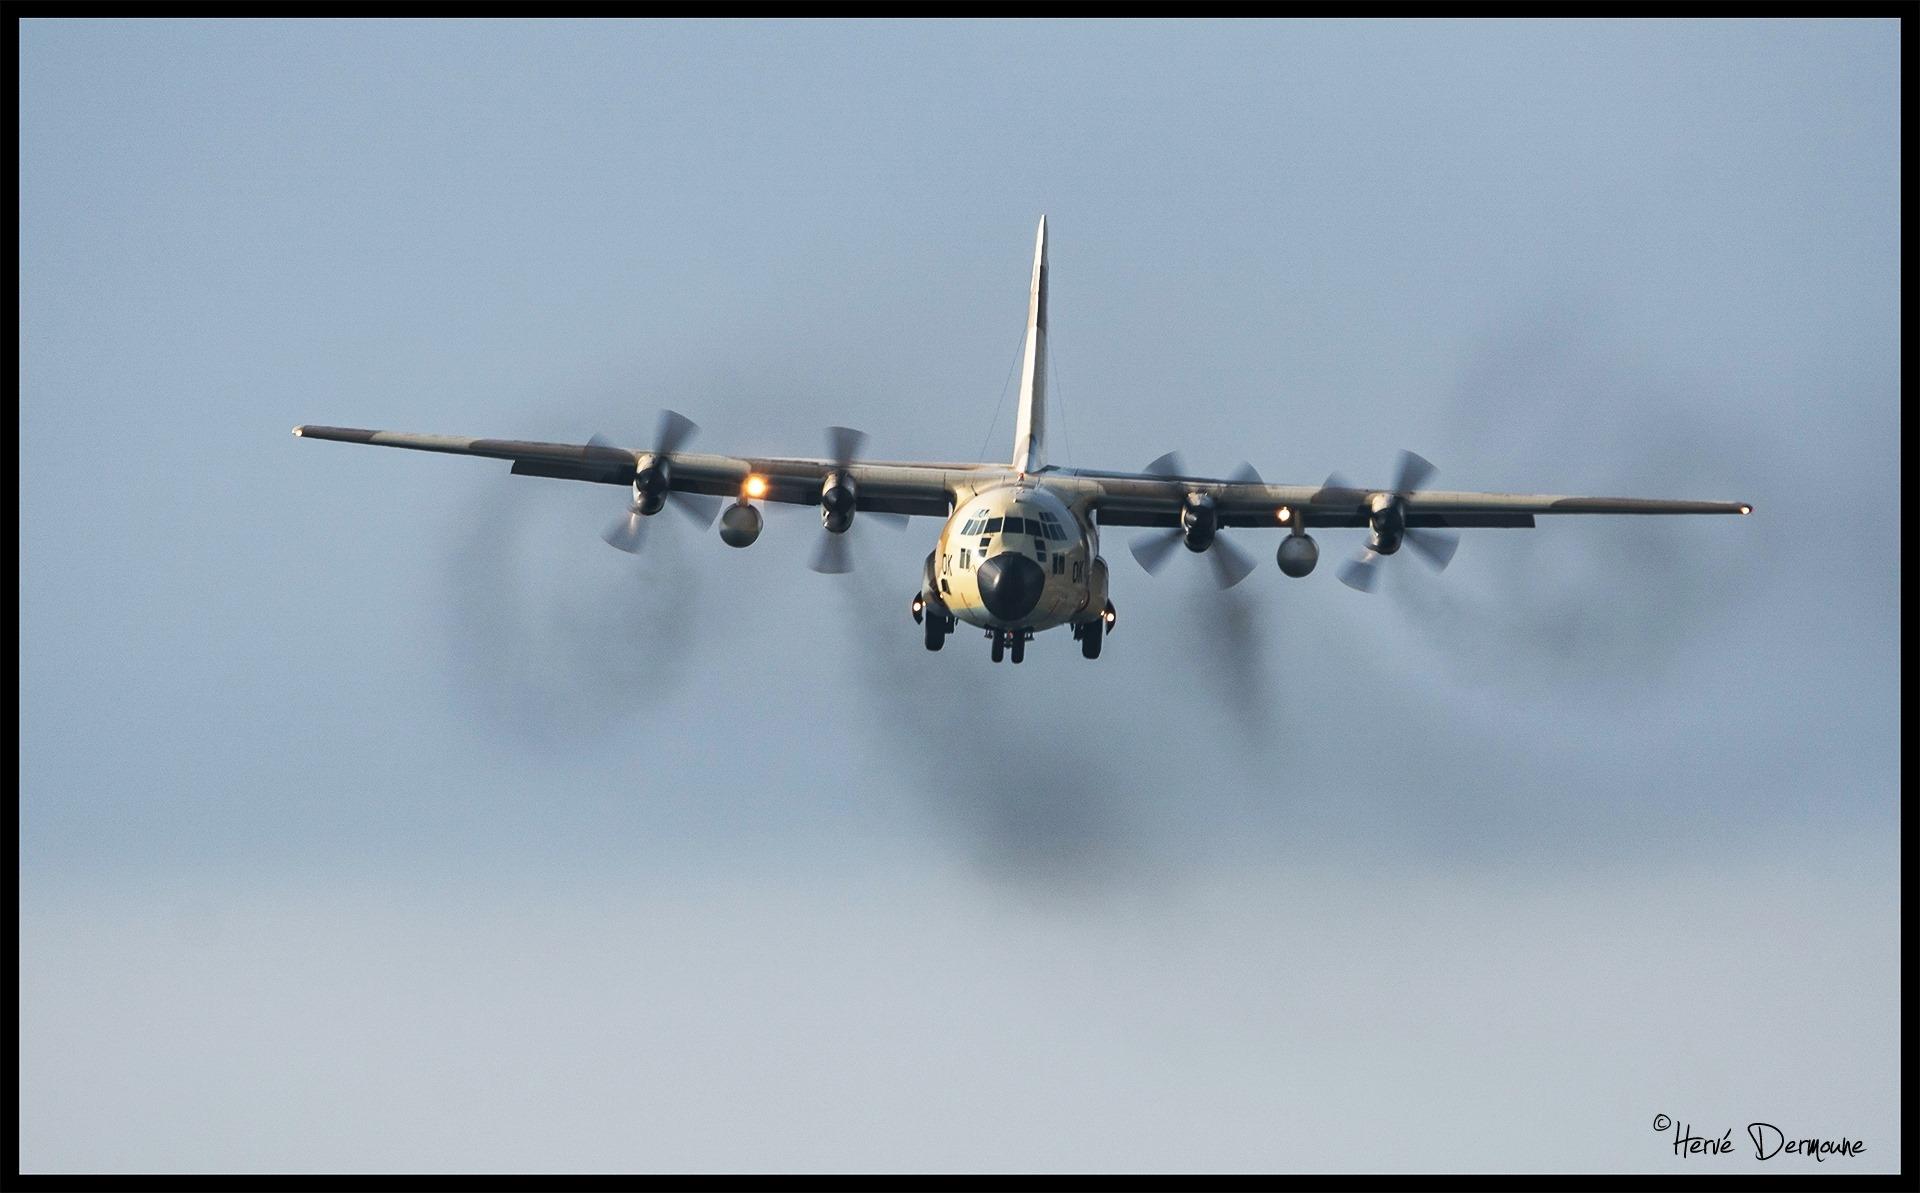 FRA: Photos d'avions de transport - Page 36 Clipb210